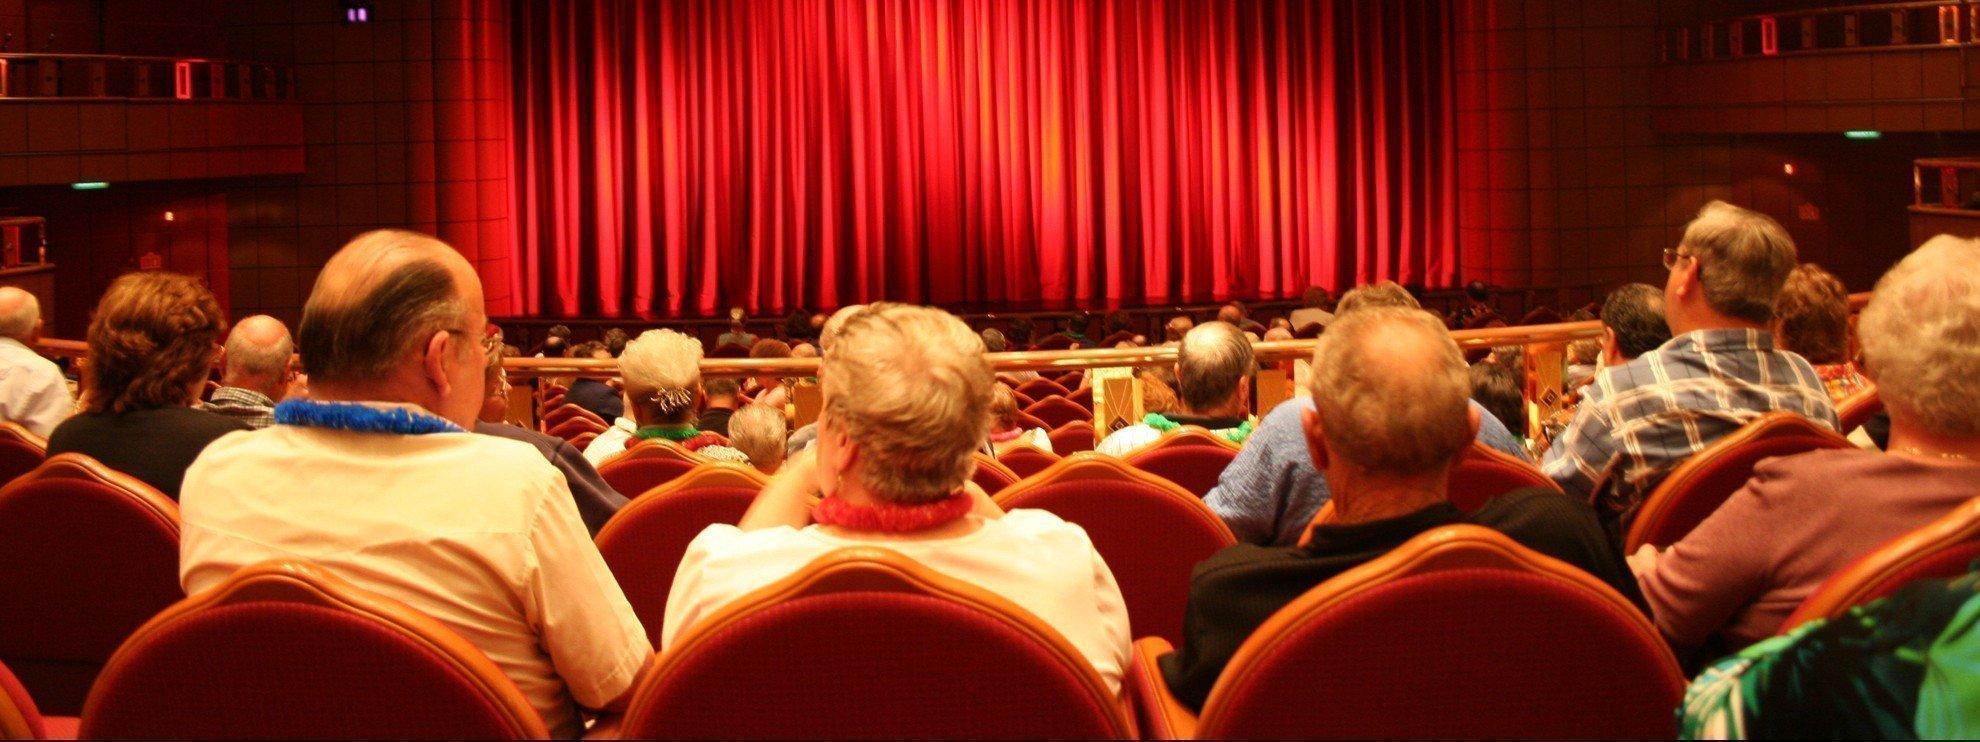 исполнитель Театр «Браво» — билеты на спектакли театра Браво в Киеве. Афиша с расписанием спектаклей на 2019 год. TicketHunt